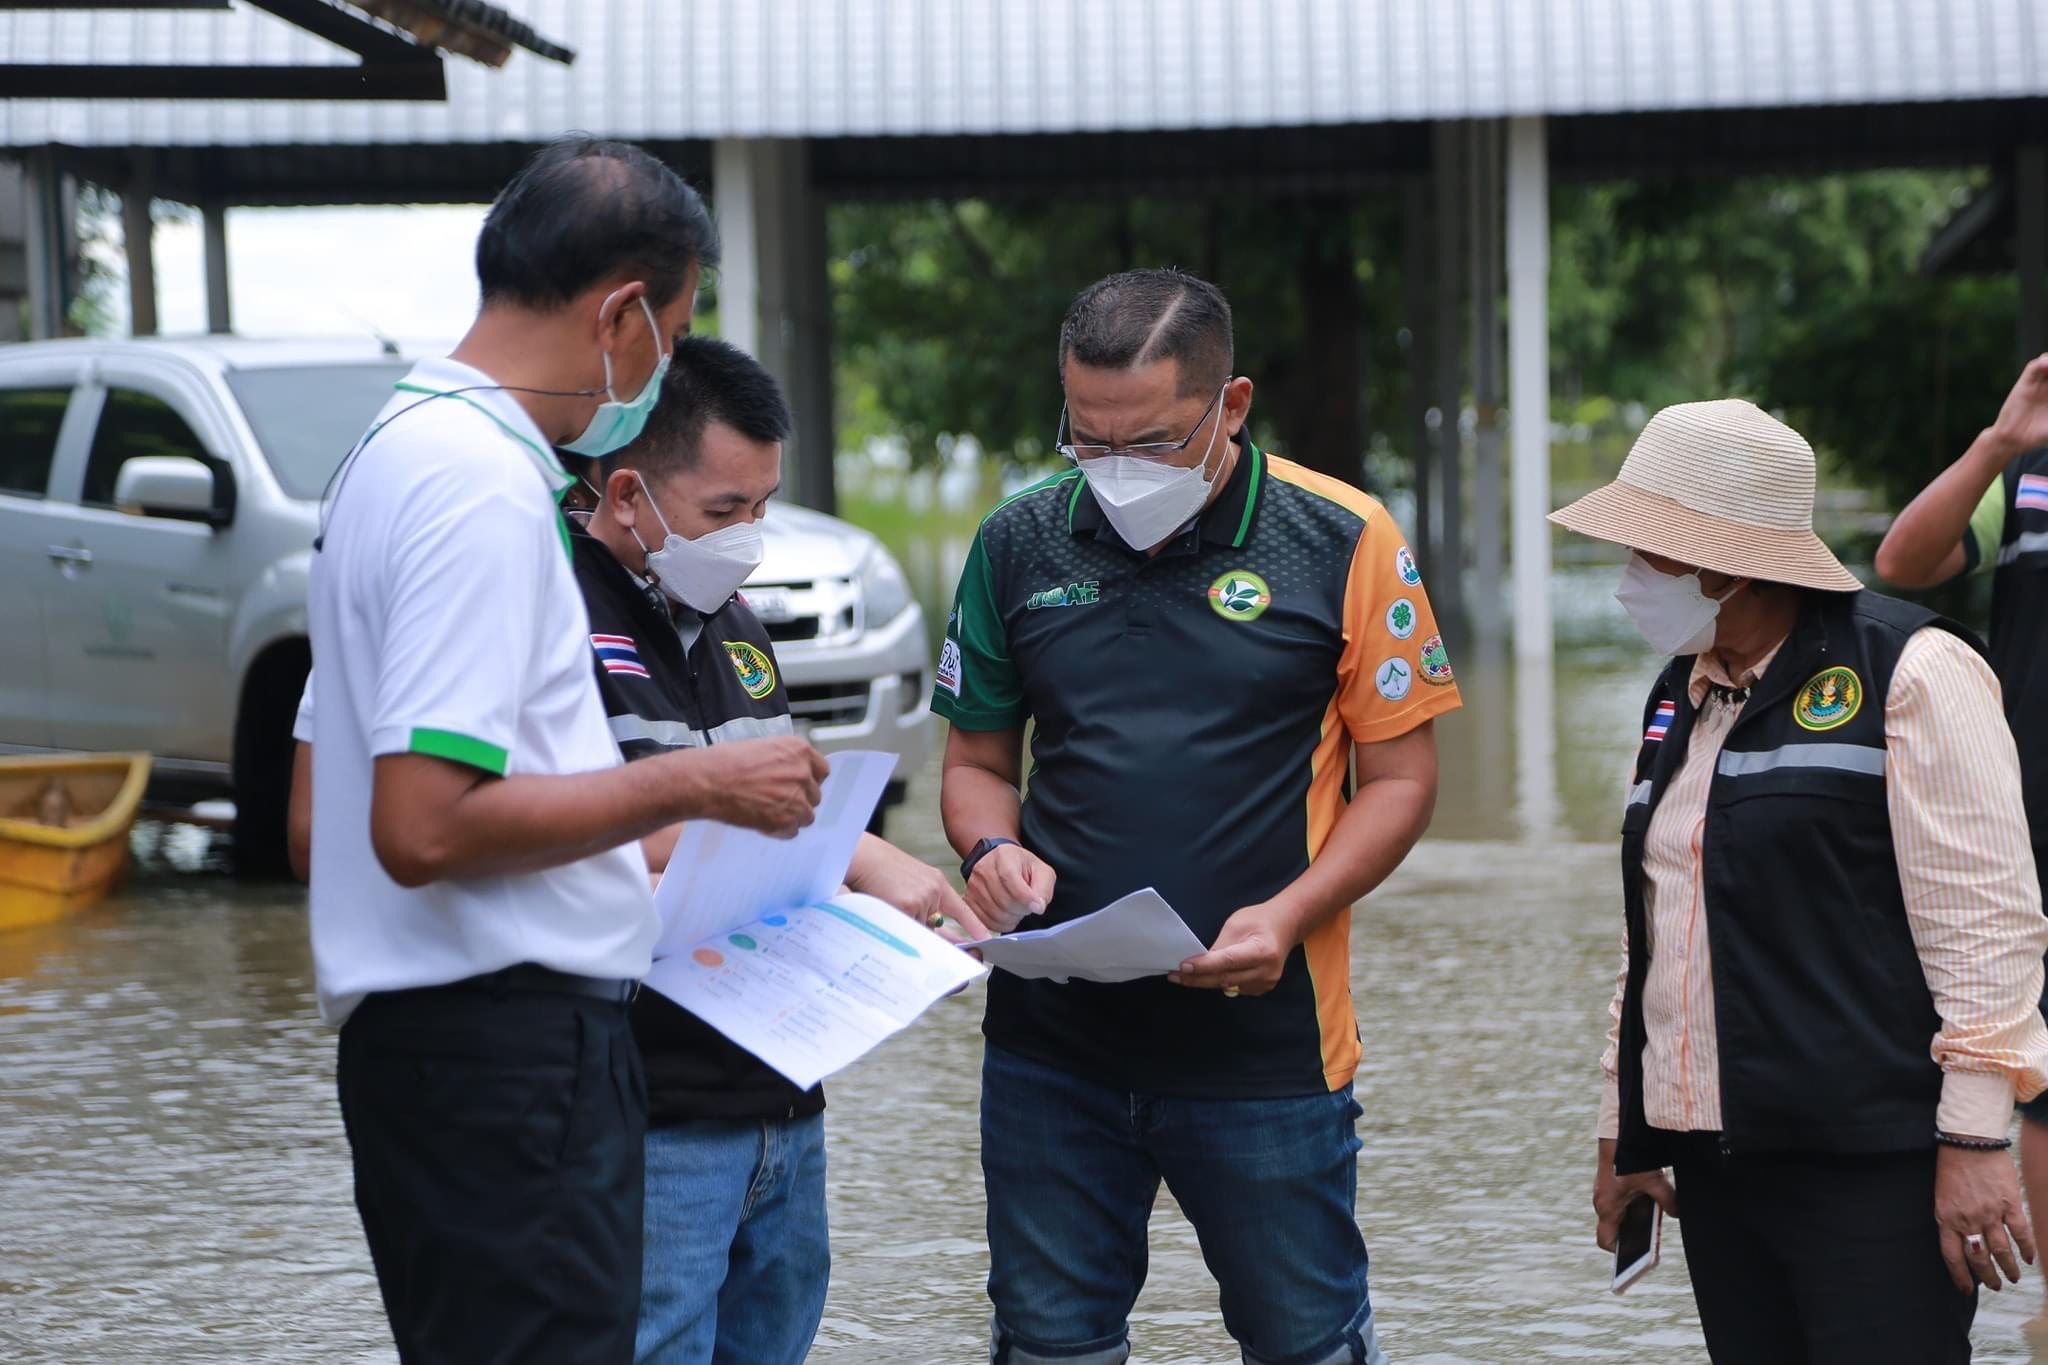 กรมส่งเสริมการเกษตรเผยแนวทางการช่วยเหลือเกษตรกรผู้ประสบภัยน้ำท่วม ย้ำเจ้าหน้าที่ต้องดำเนินการช่วยเหลือเกษตรกรผู้ประสบอุทกภัยให้เป็นระบบ ชัดเจน และรวดเร็ว